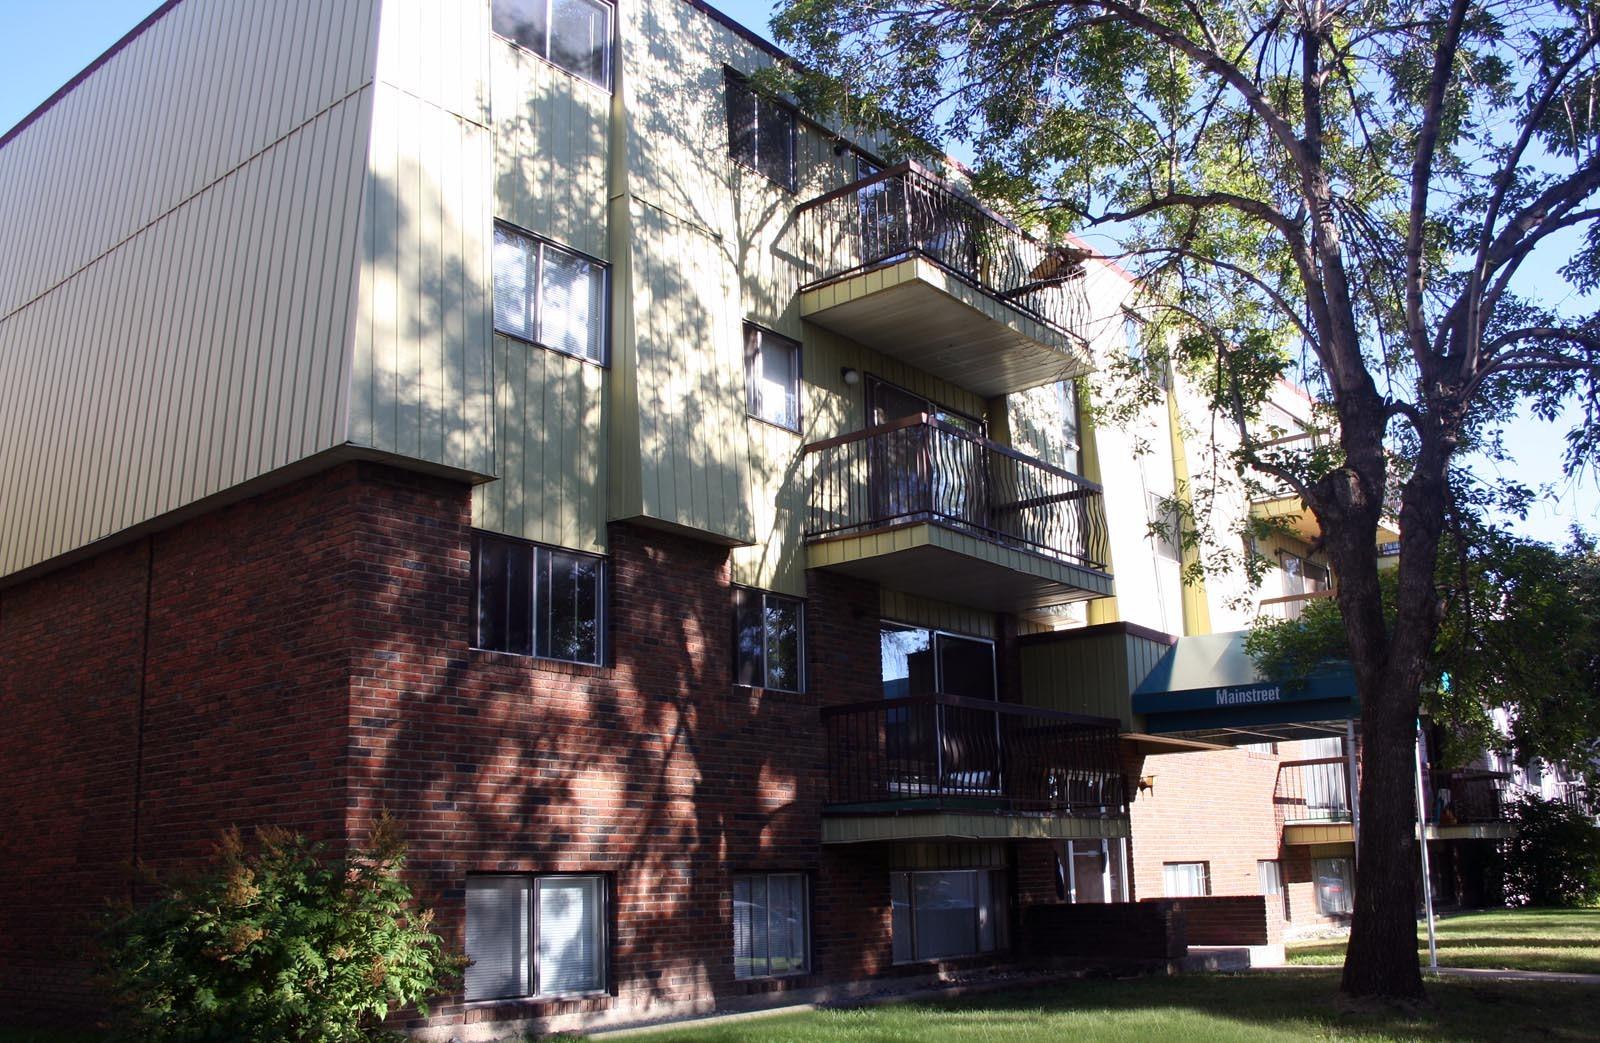 10723 102 Street NW, Edmonton, AB - $775